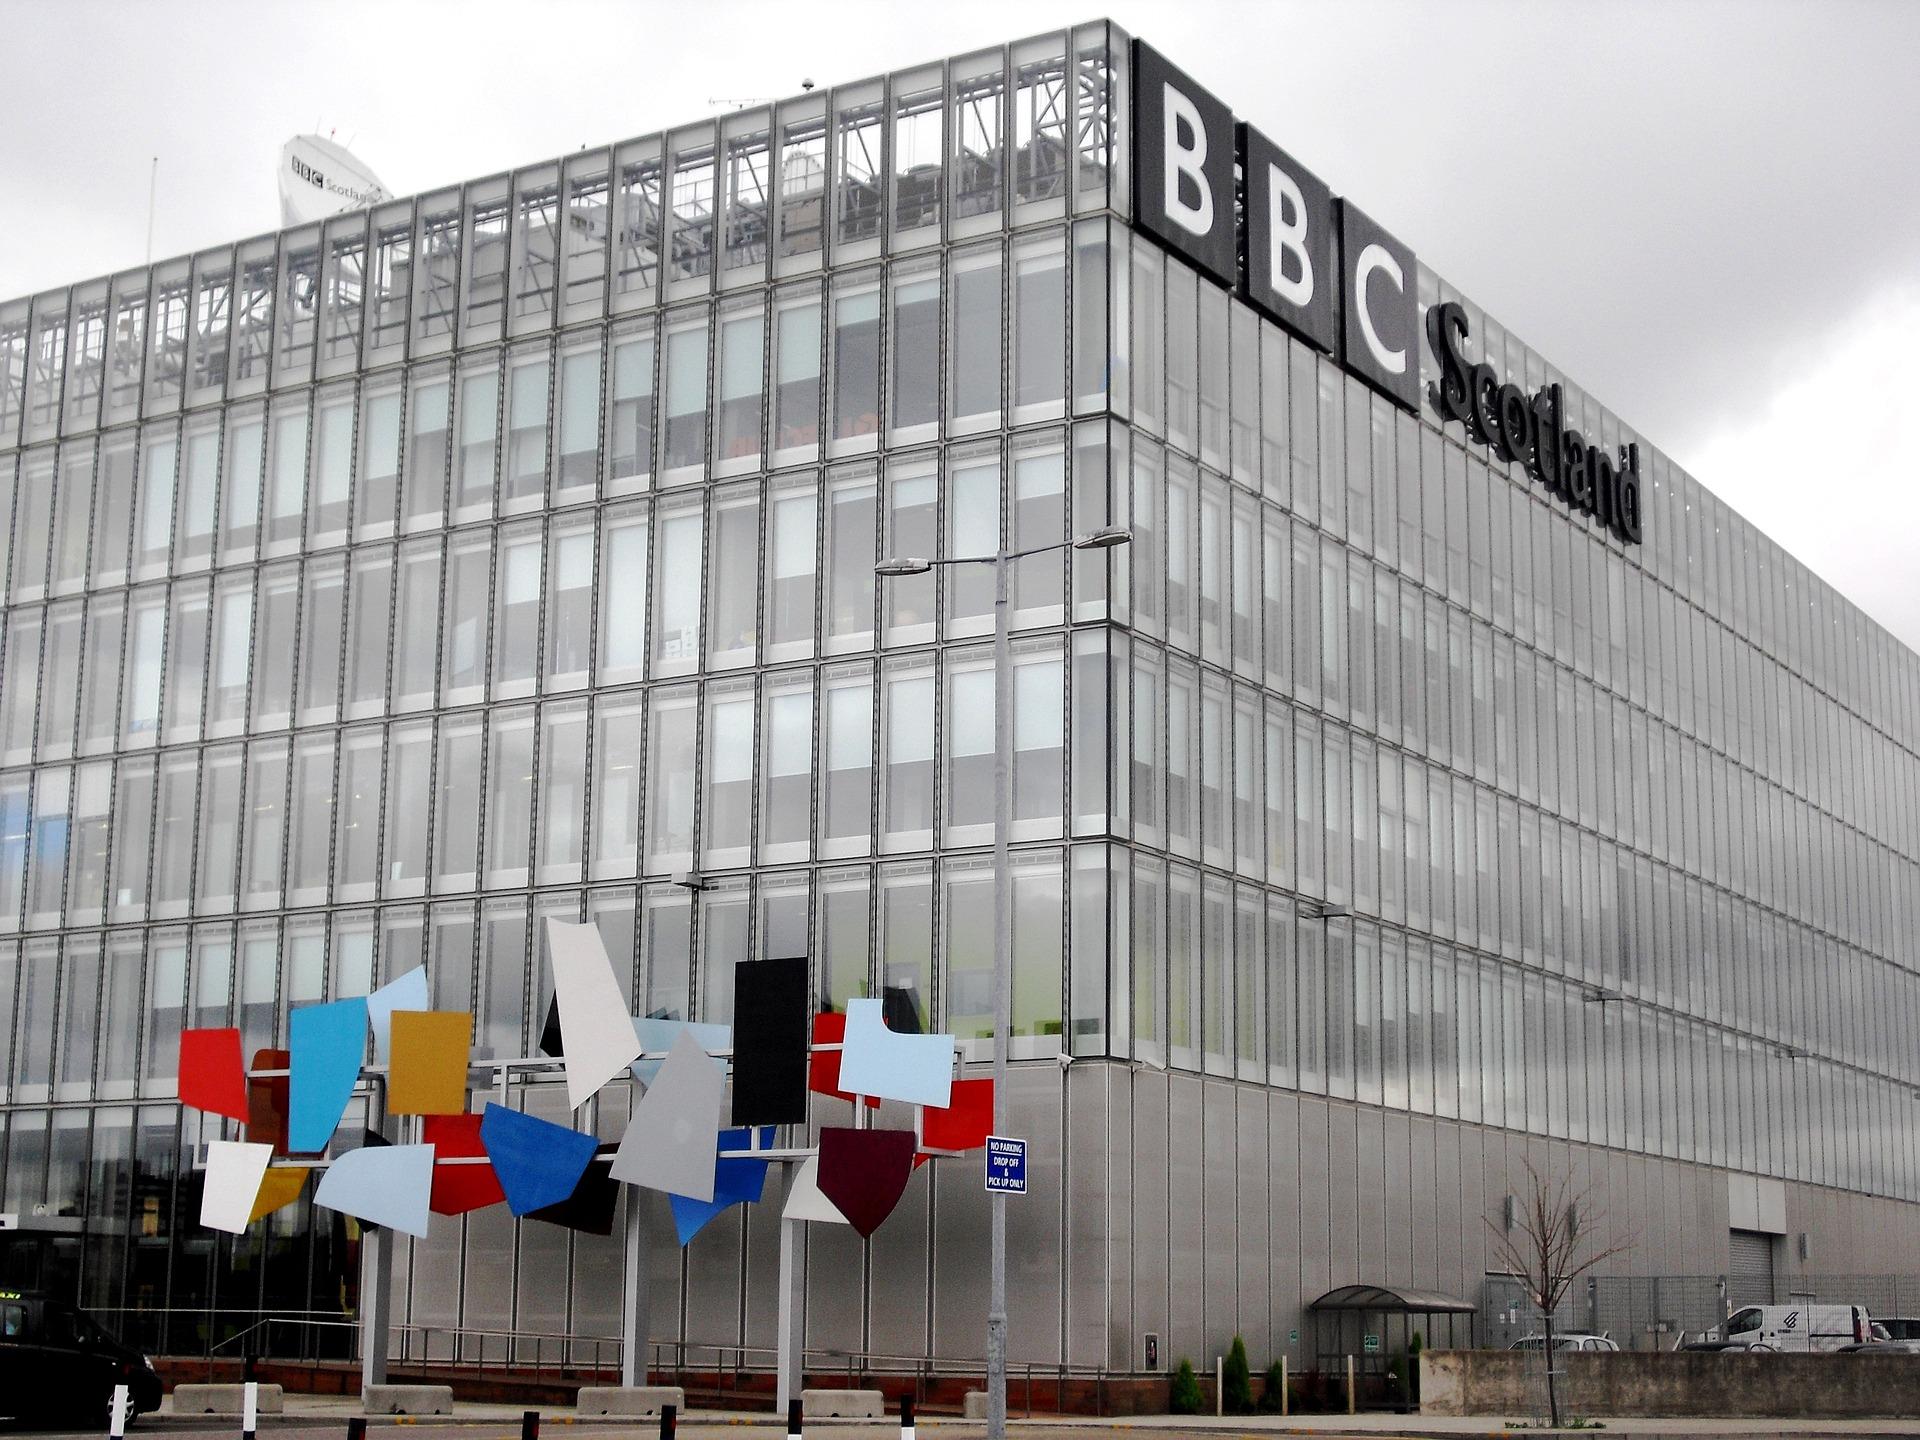 bbc-960987_1920